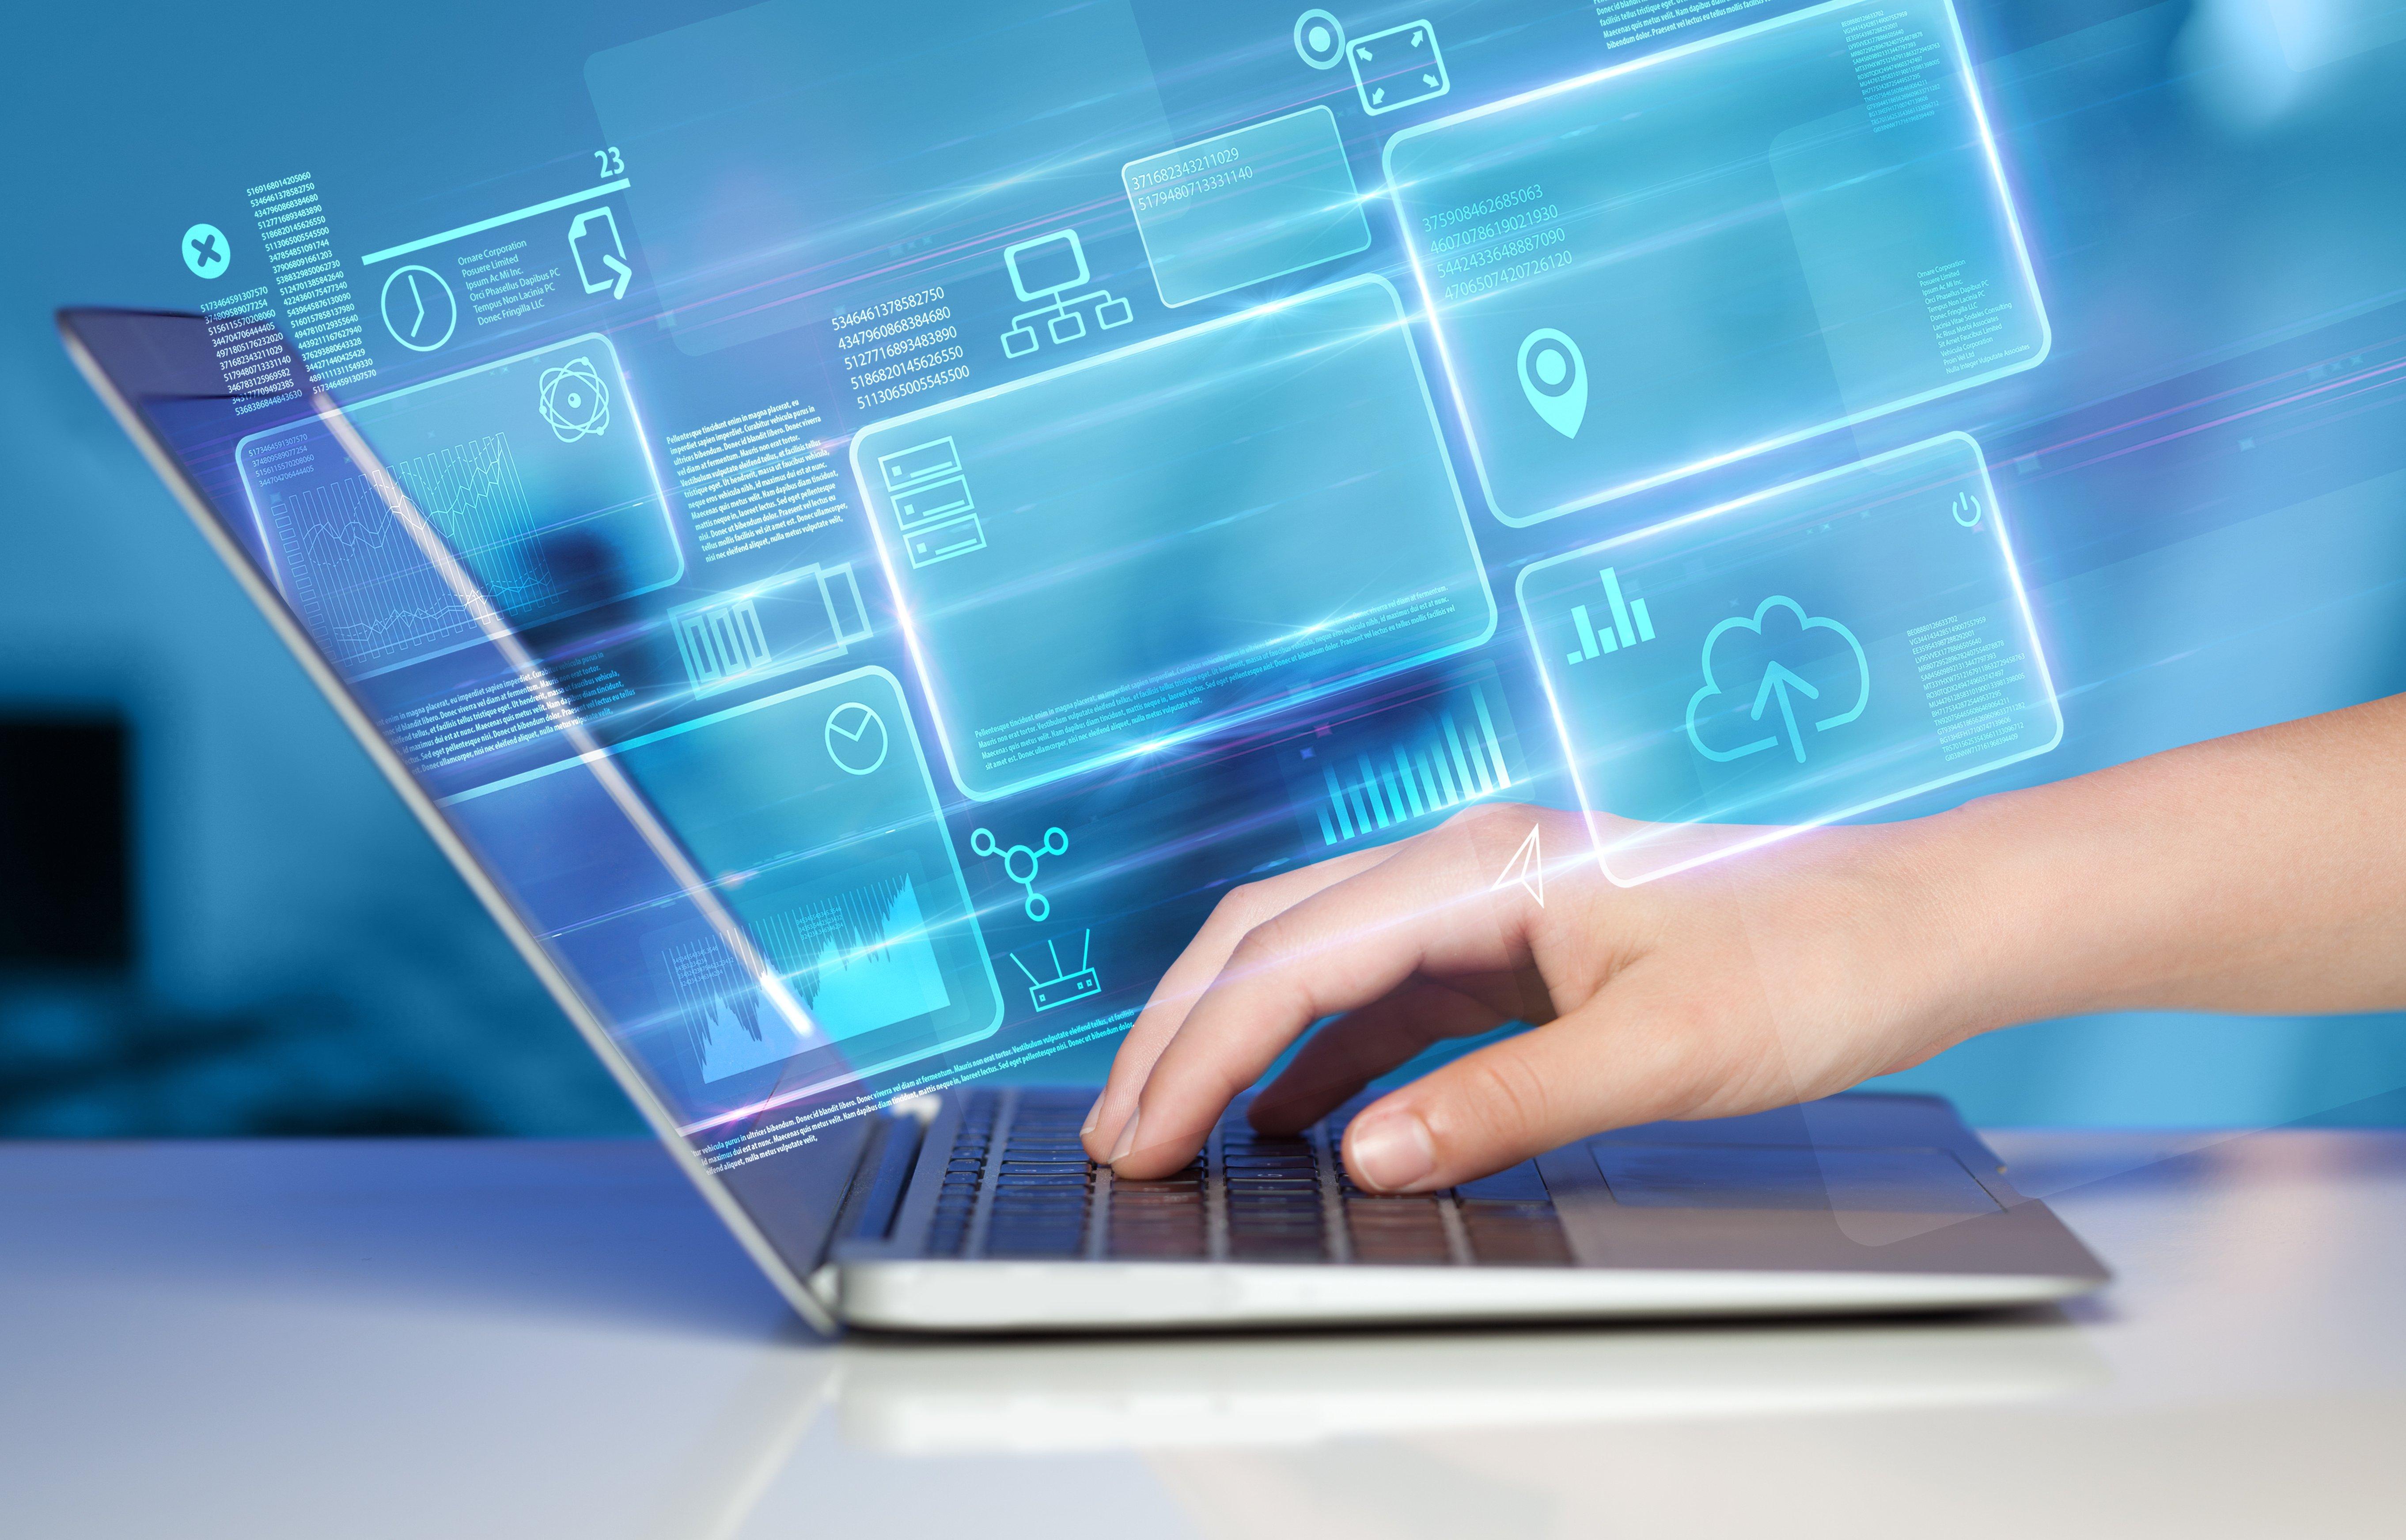 SalesVista Technology on Laptop